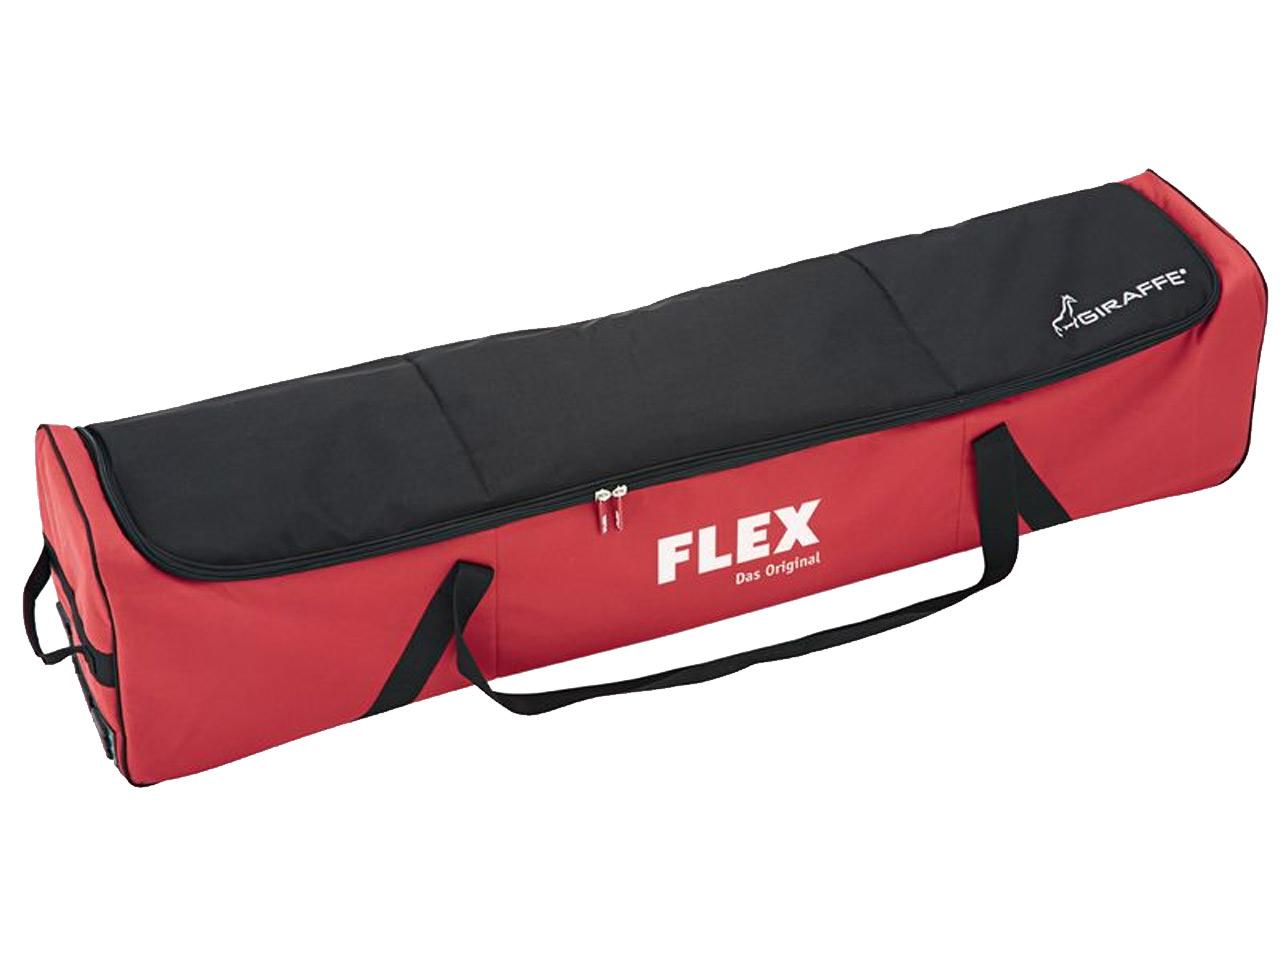 Flex_408867.jpg